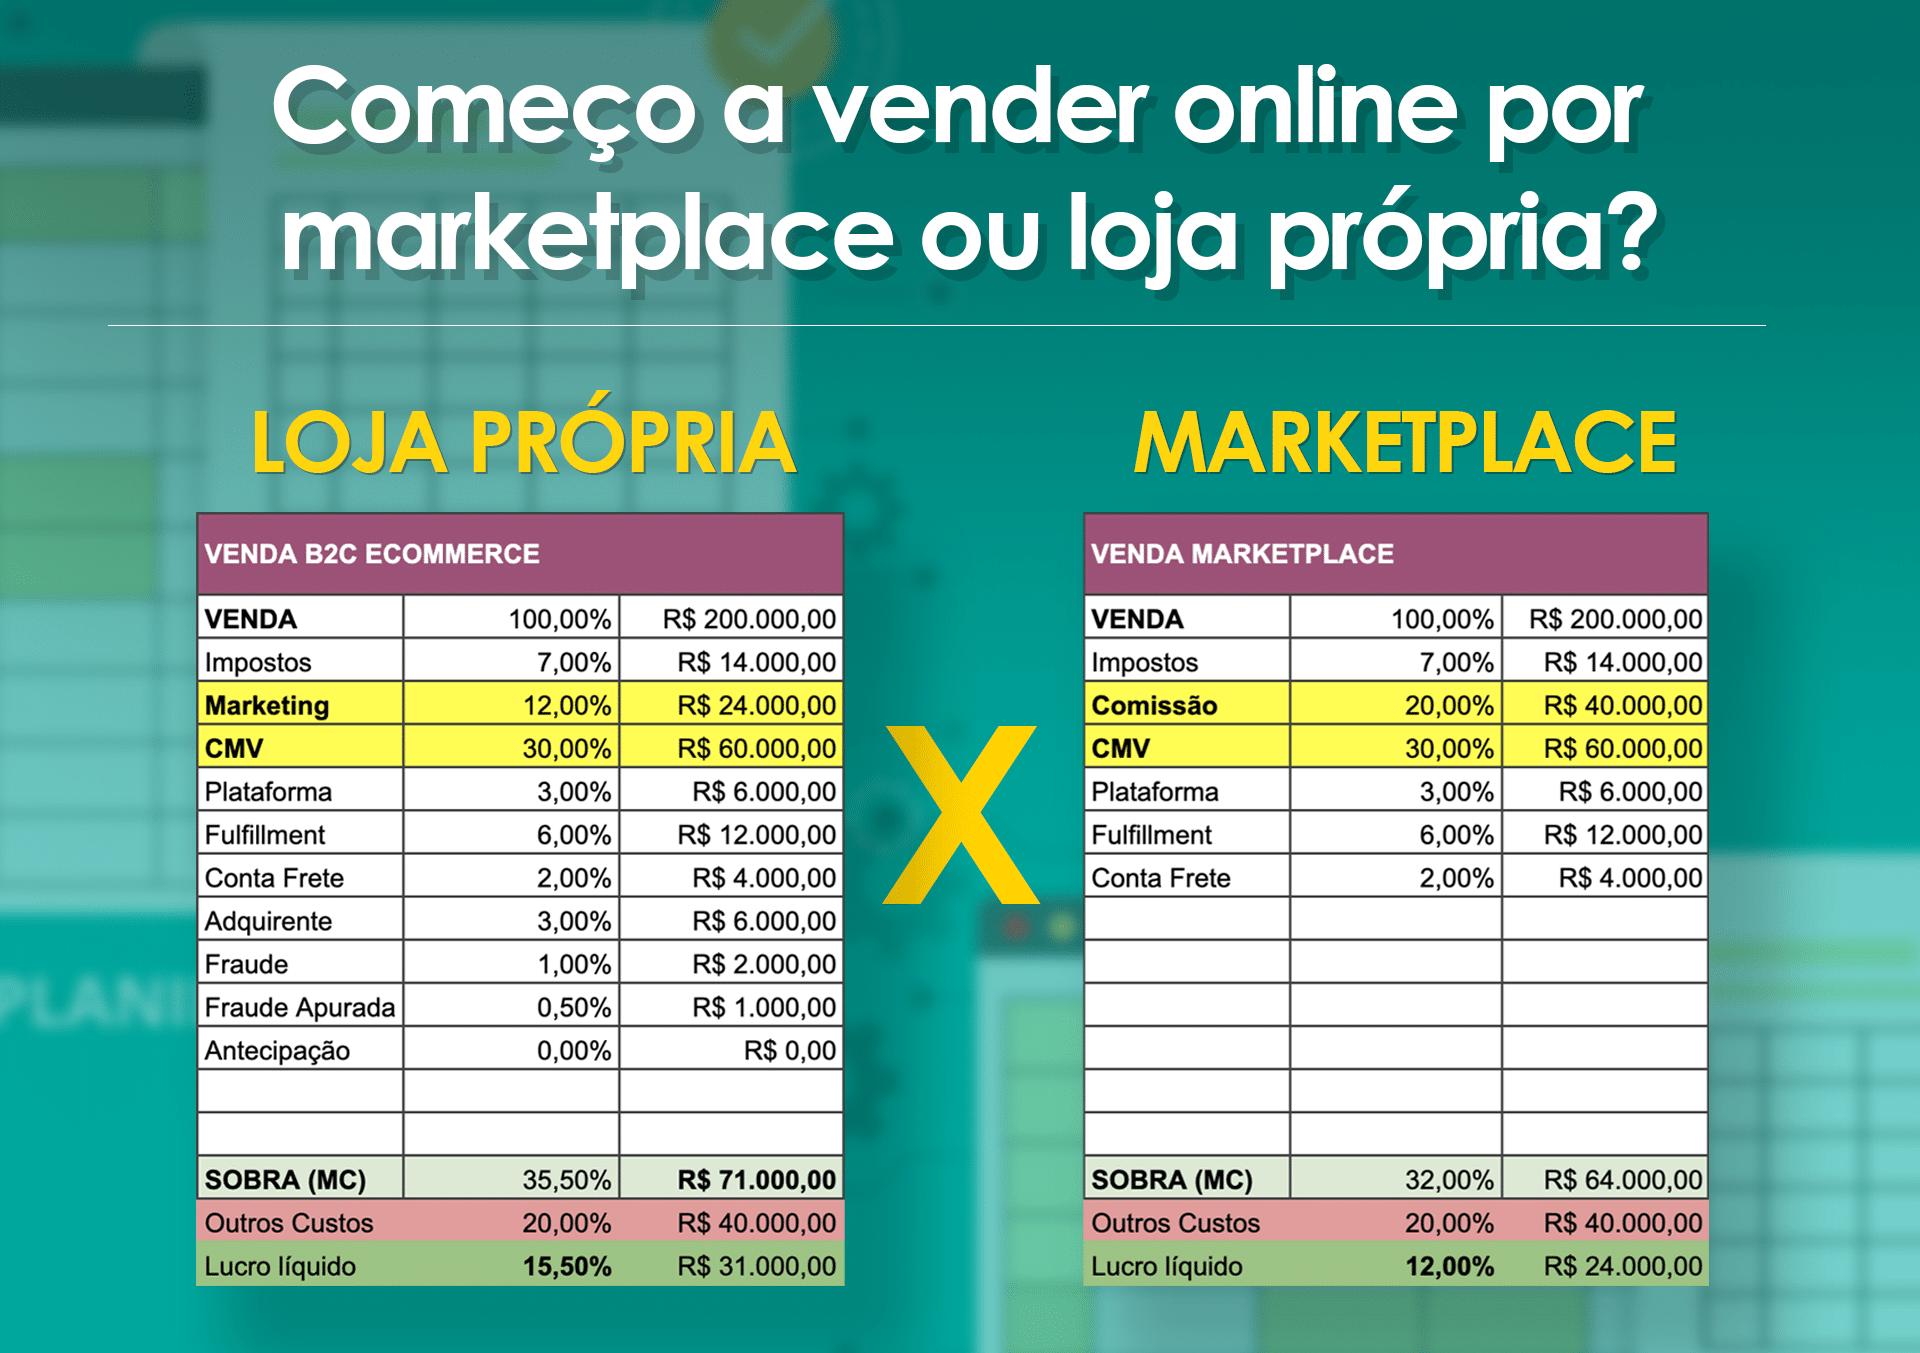 Começar a vender online no marketplace ou em loja própria?